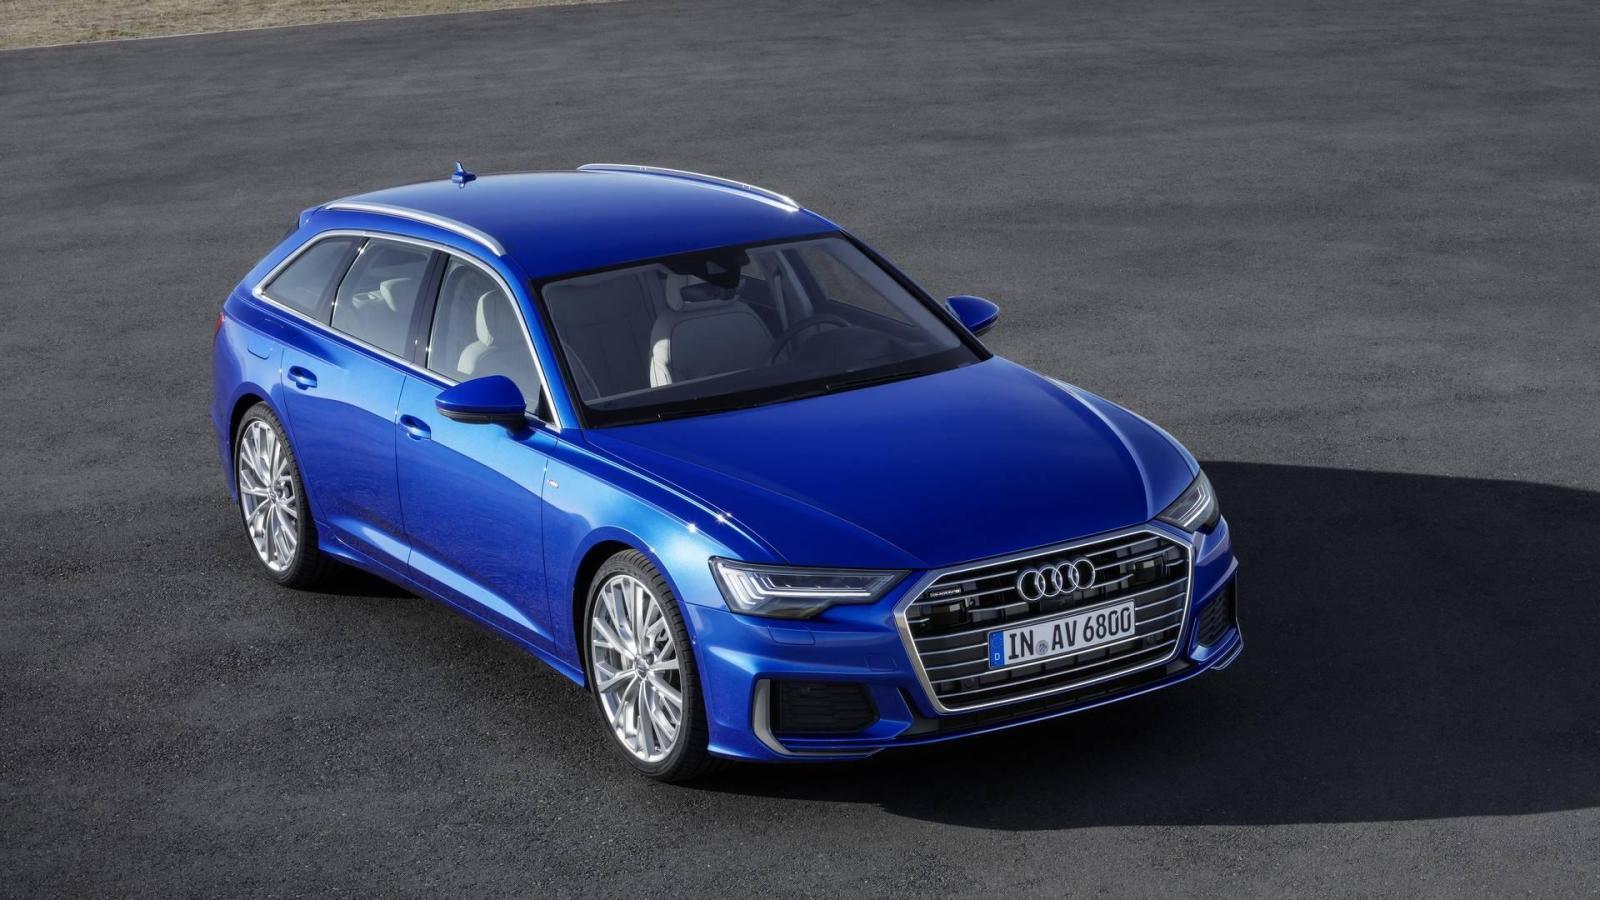 Самая большая Audi A6 2019 – официальные фото и характеристики